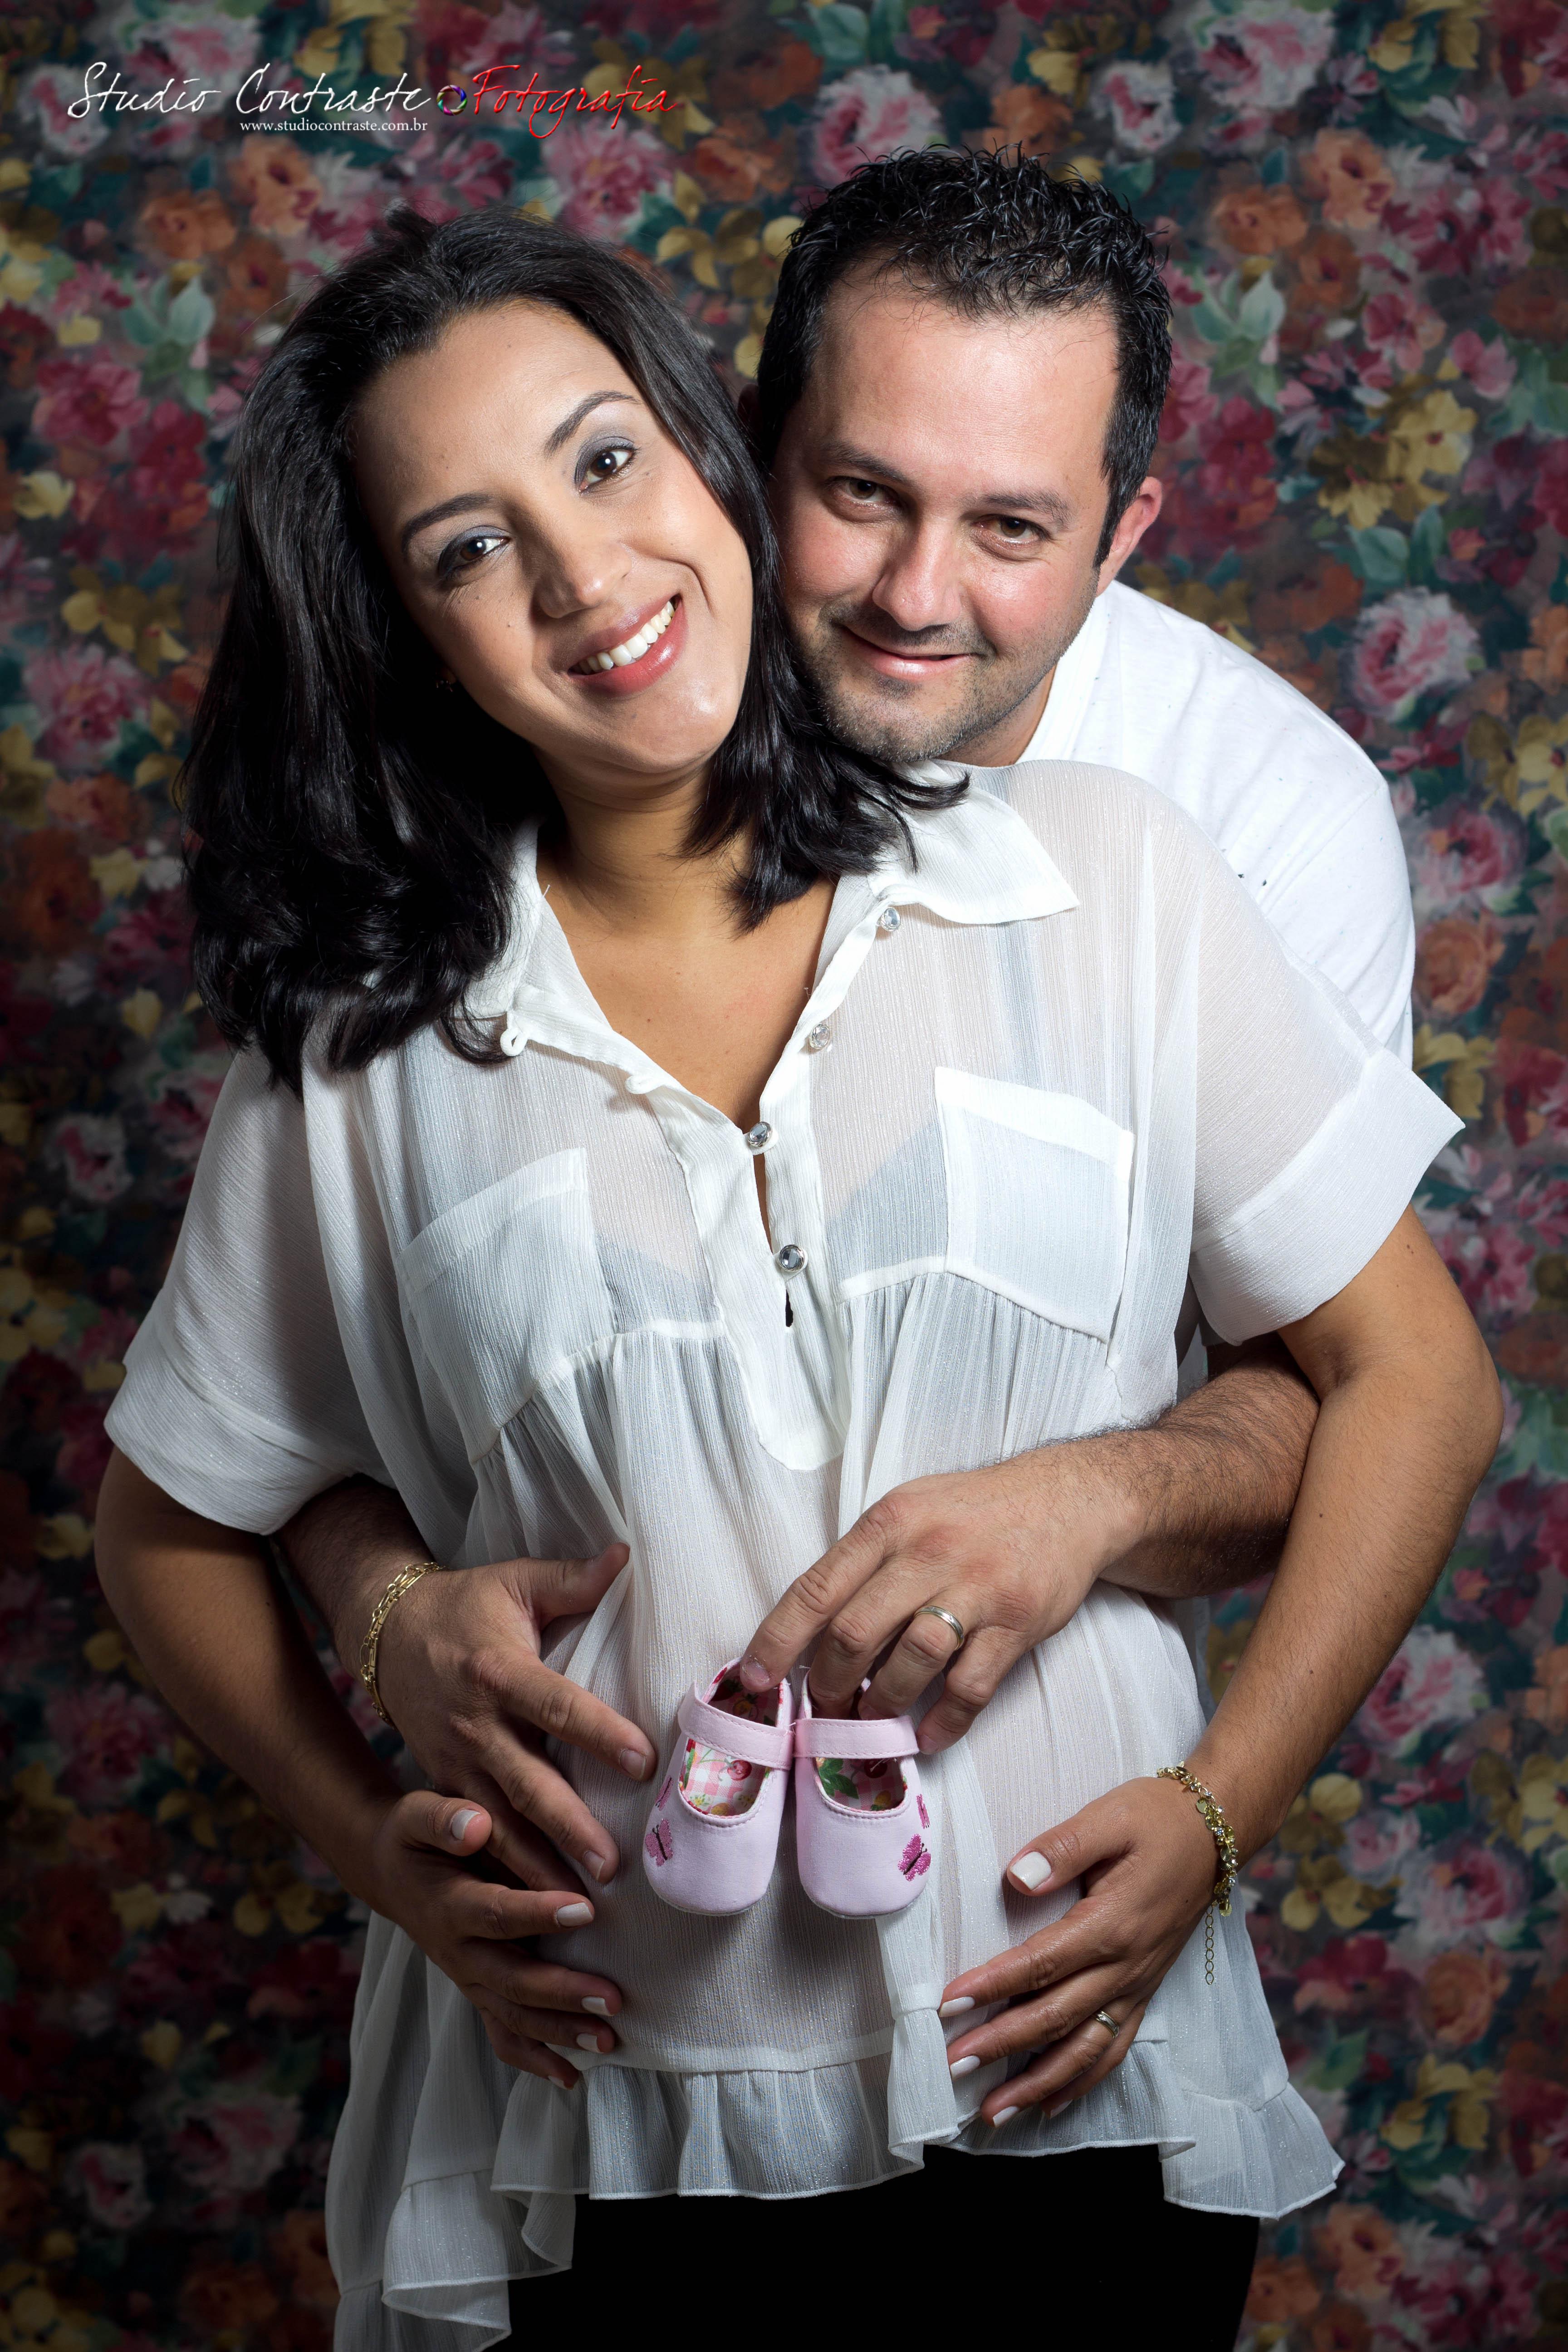 Aliziane + Alessandro = Mariana